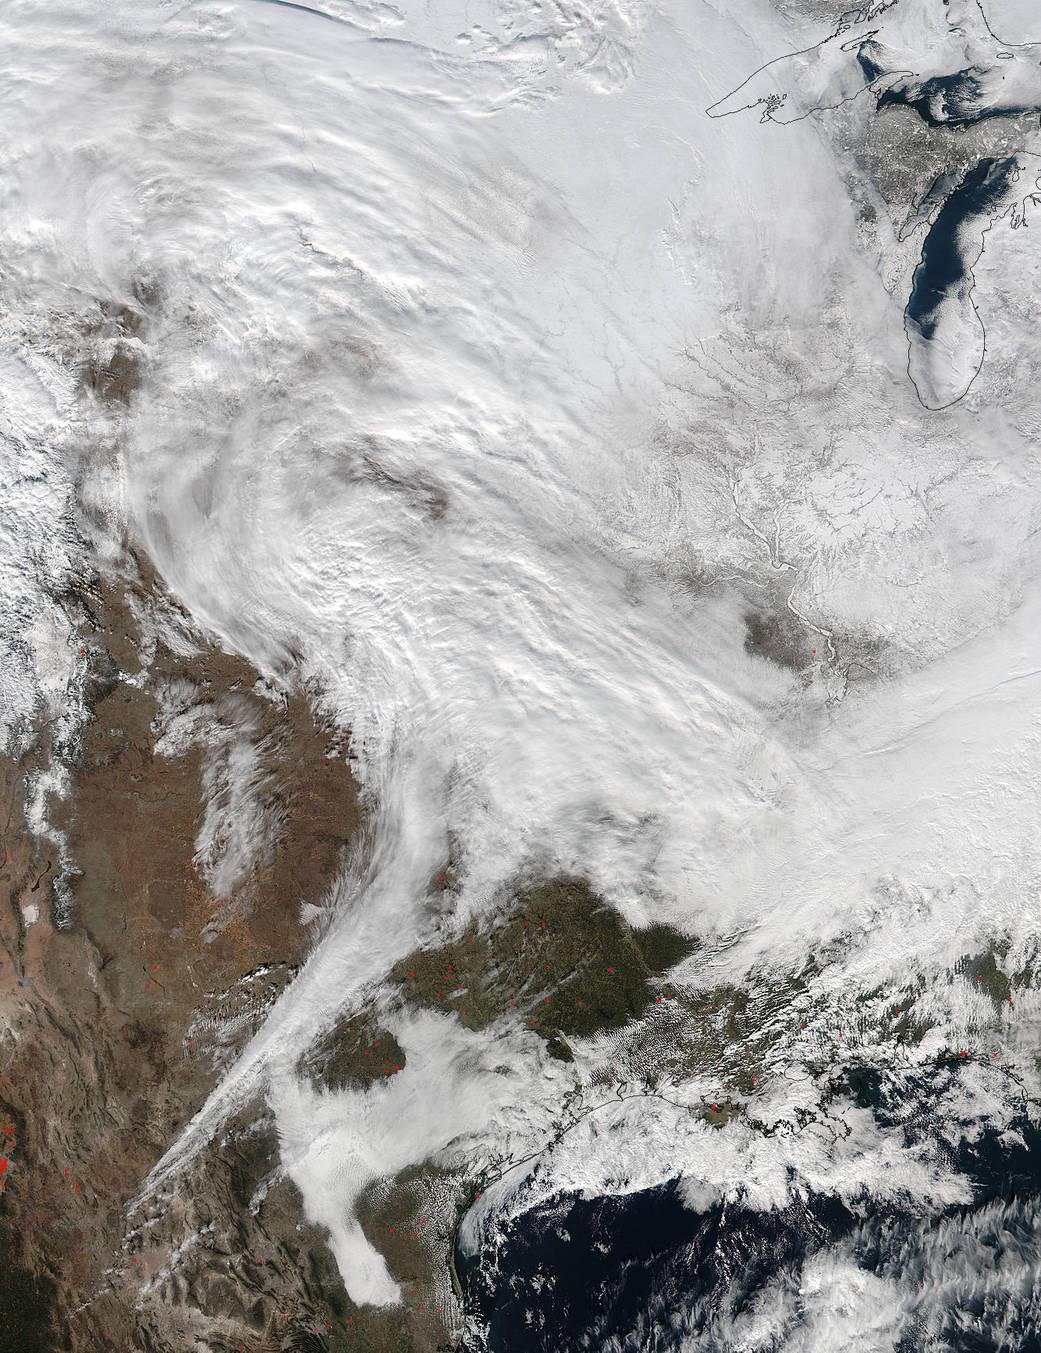 2016.1.22:アメリカ東部を襲う冬の嵐の先端部